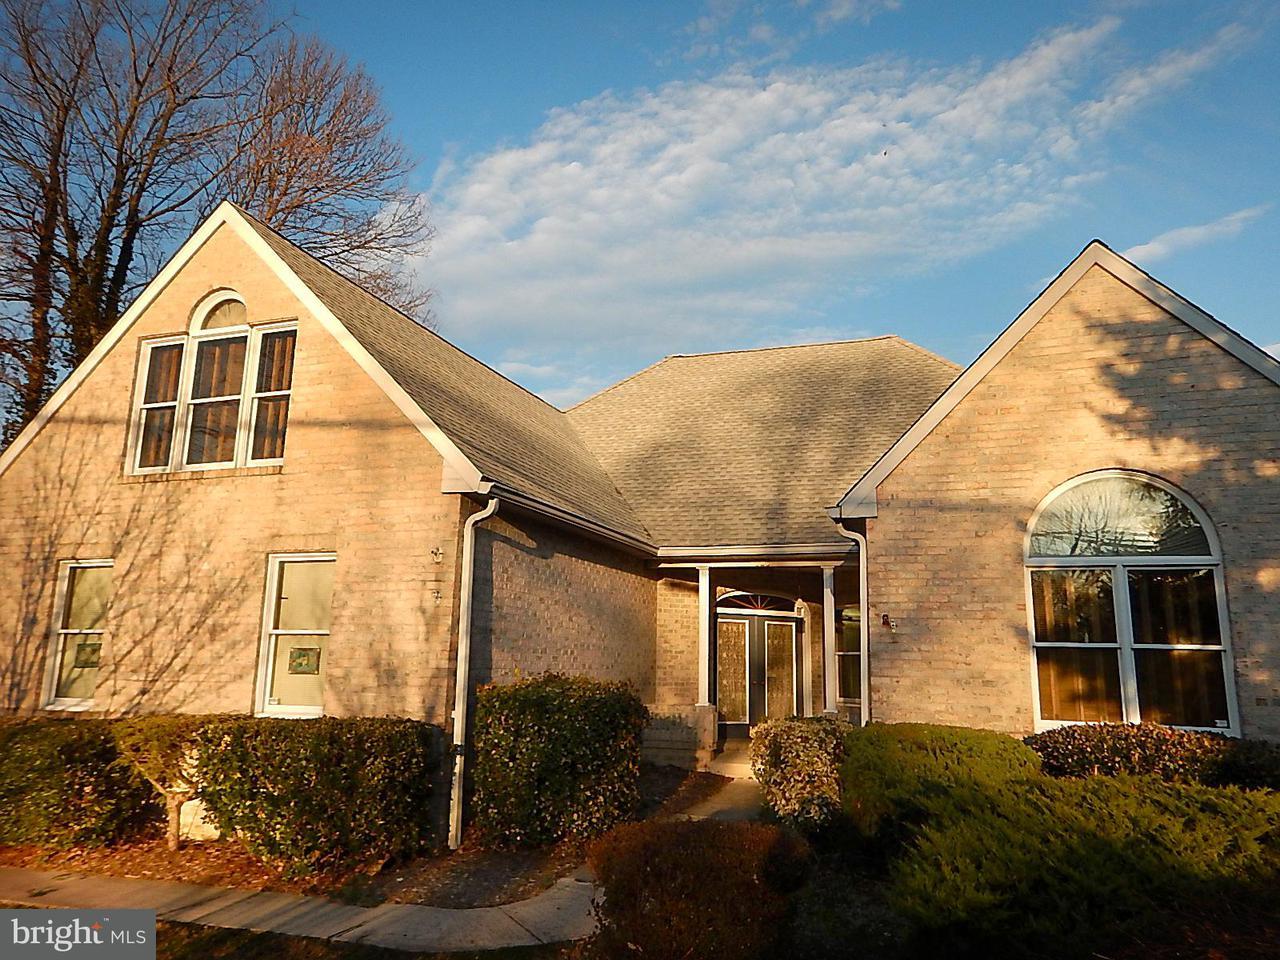 Частный односемейный дом для того Продажа на 823 Old Joppa Road 823 Old Joppa Road Joppa, Мэриленд 21085 Соединенные Штаты